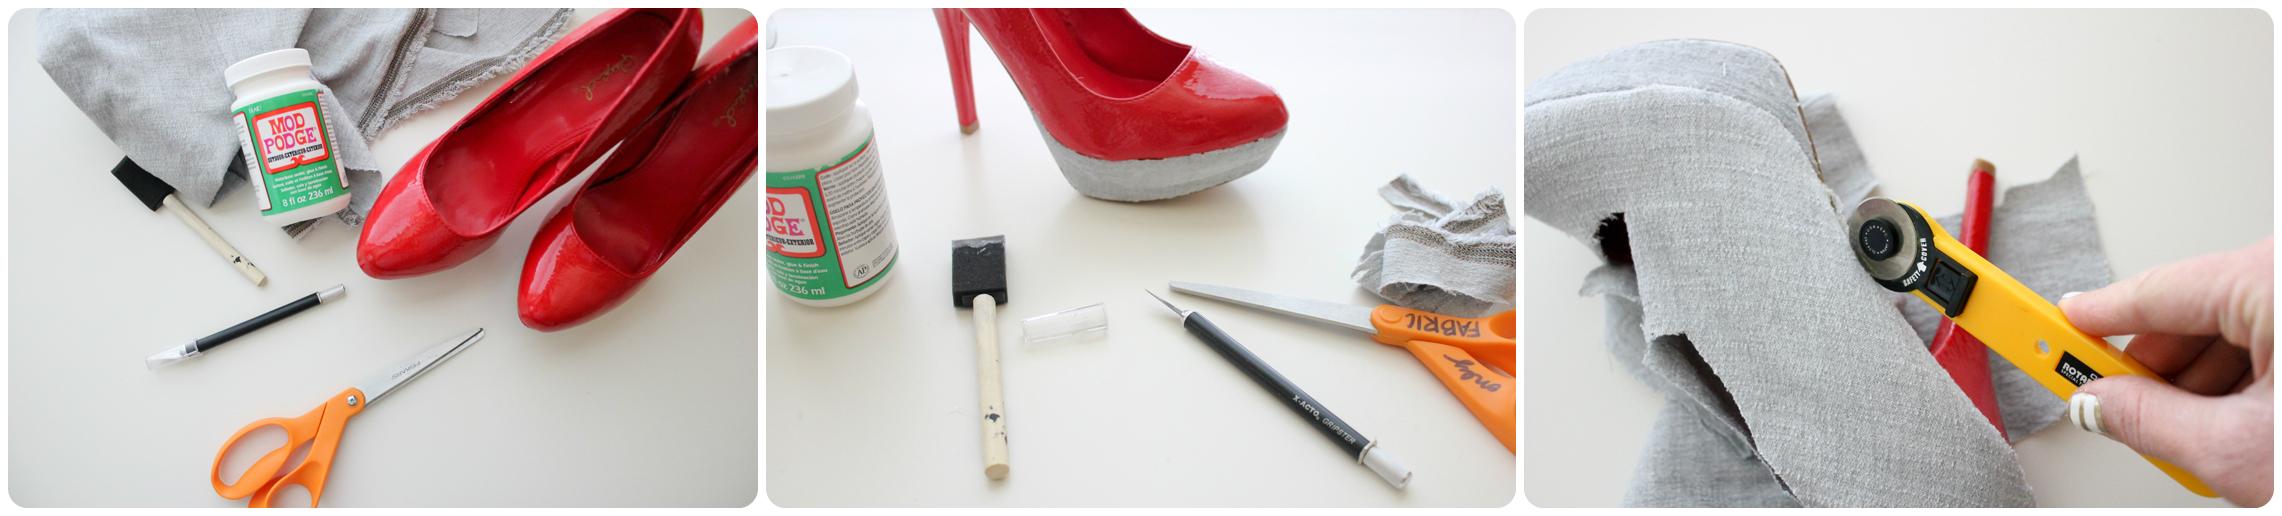 Взуття своїми руками  новий погляд на звичні речі - Категорія ... 50d5a59bd7d99